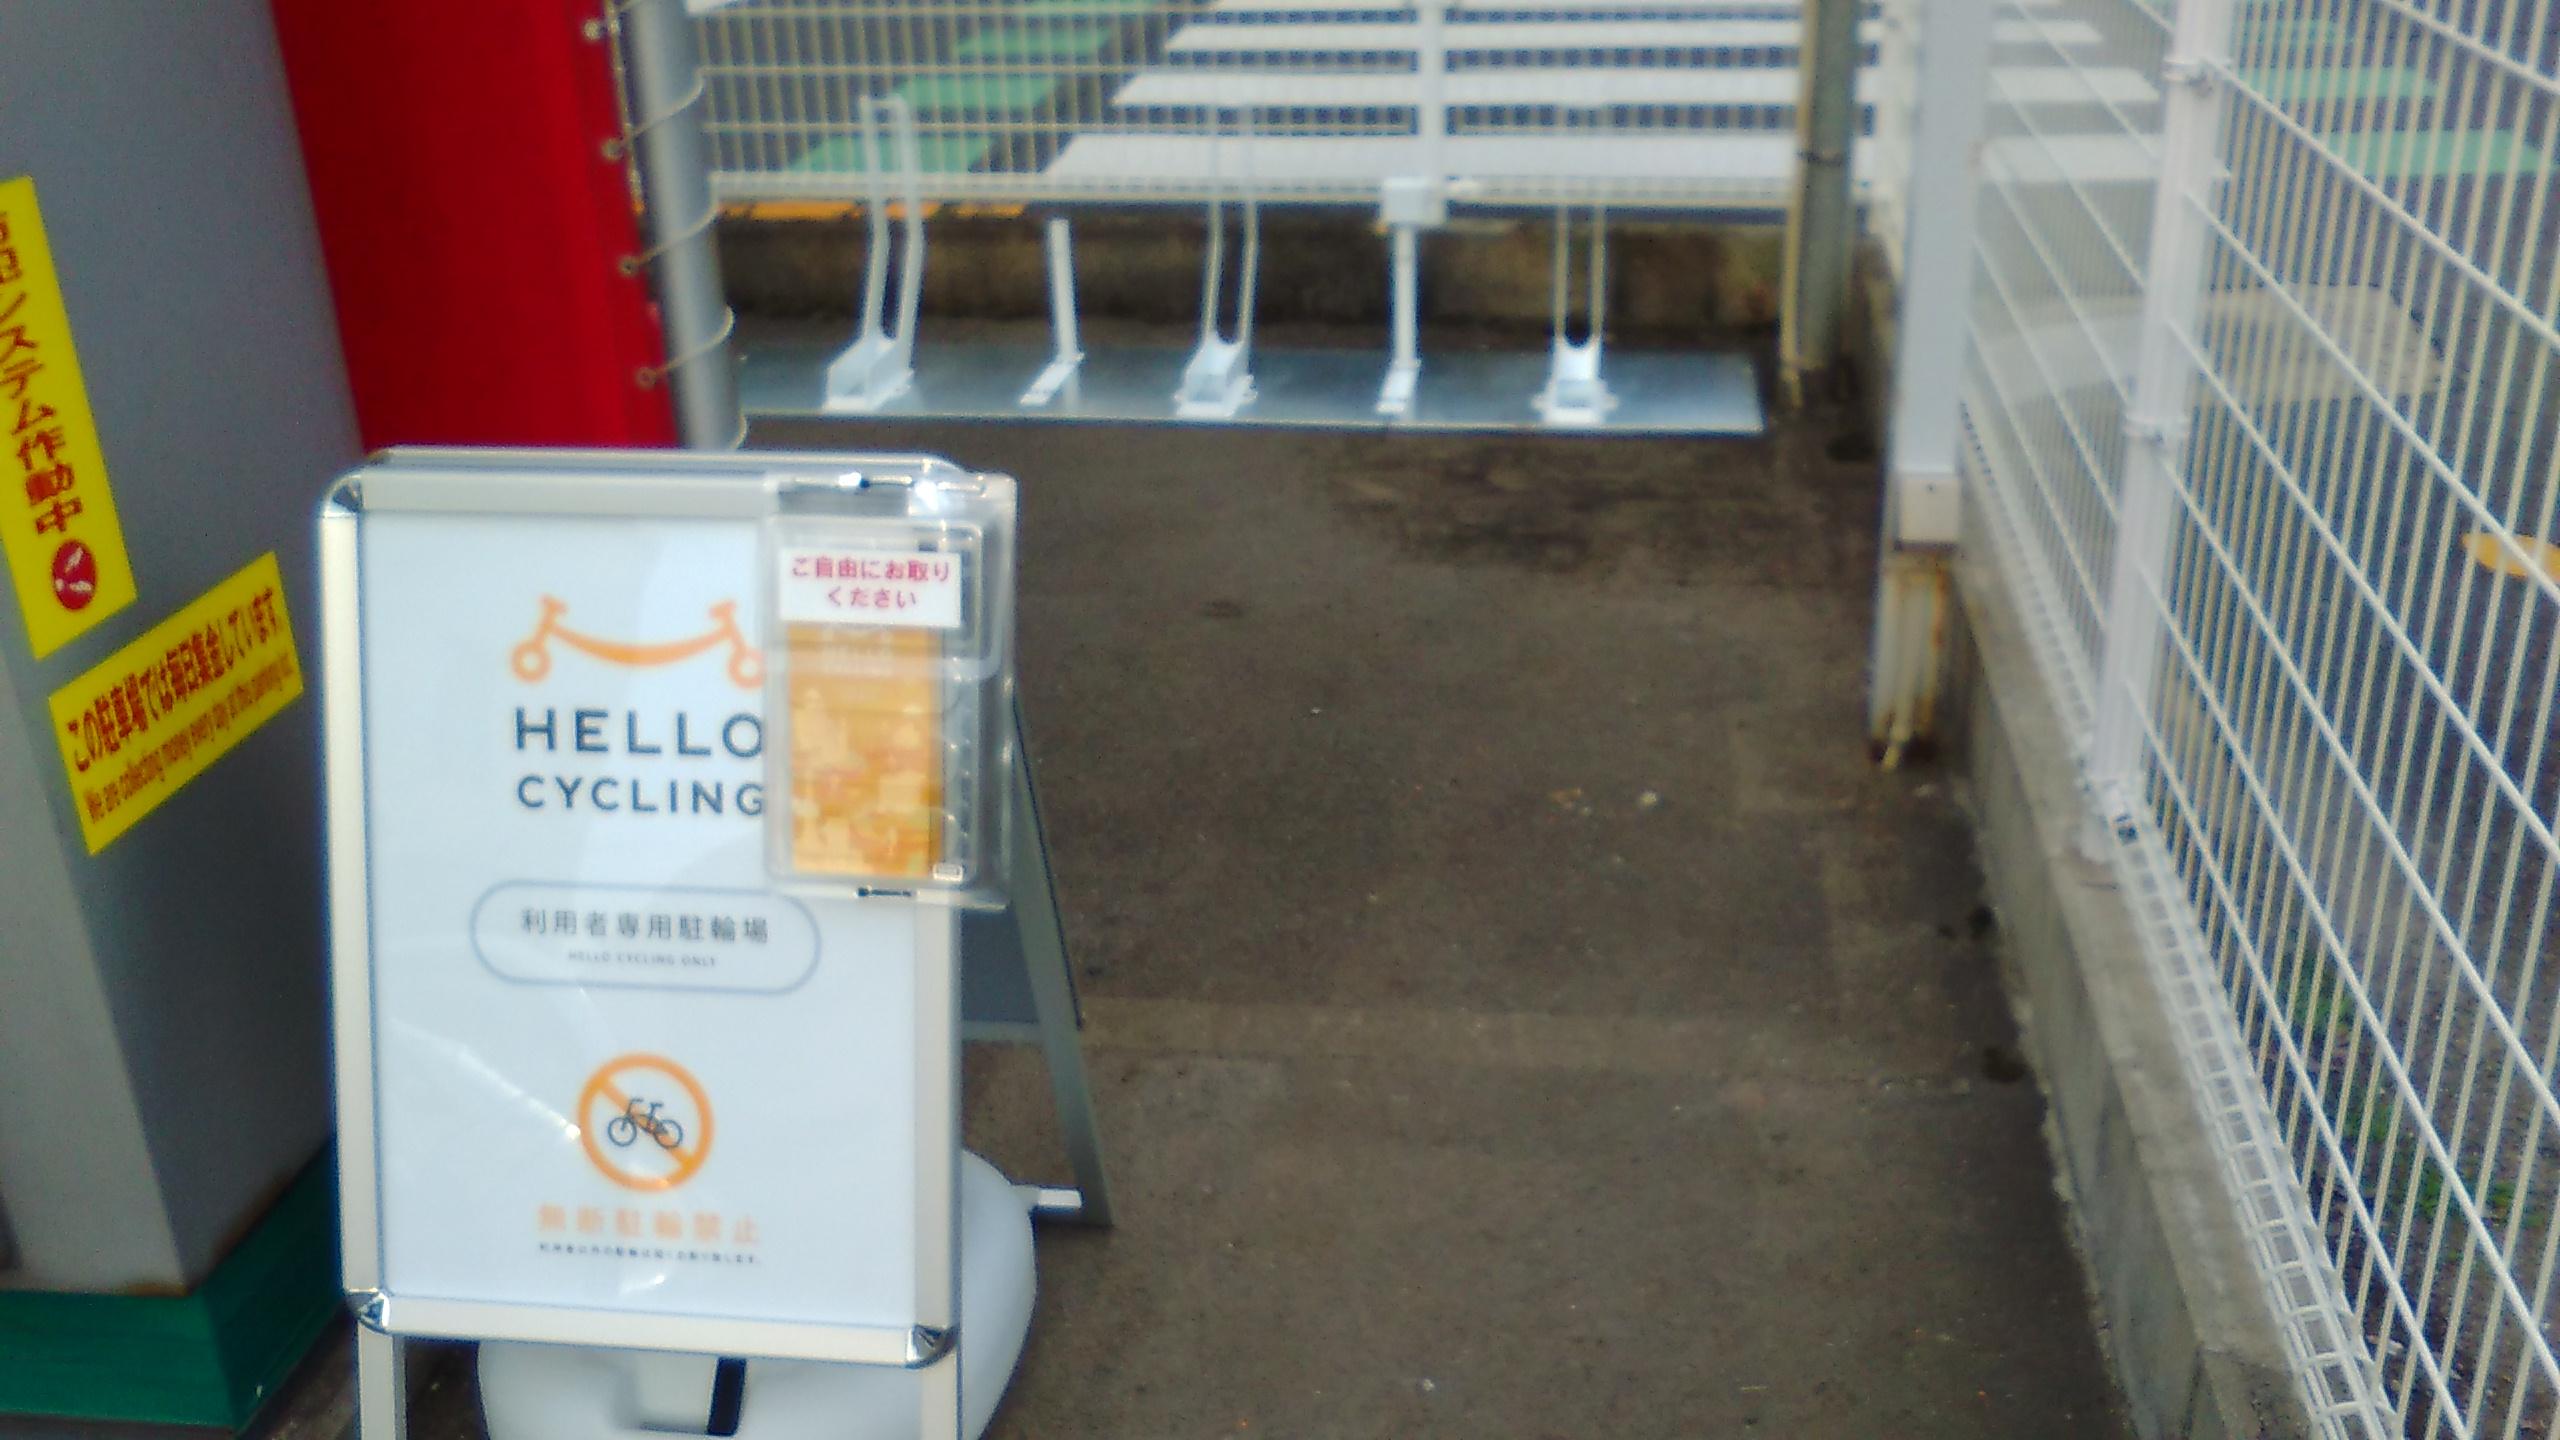 高松工芸高校北側(あなぶき錦町第7パーキング) (HELLO CYCLING ポート) image